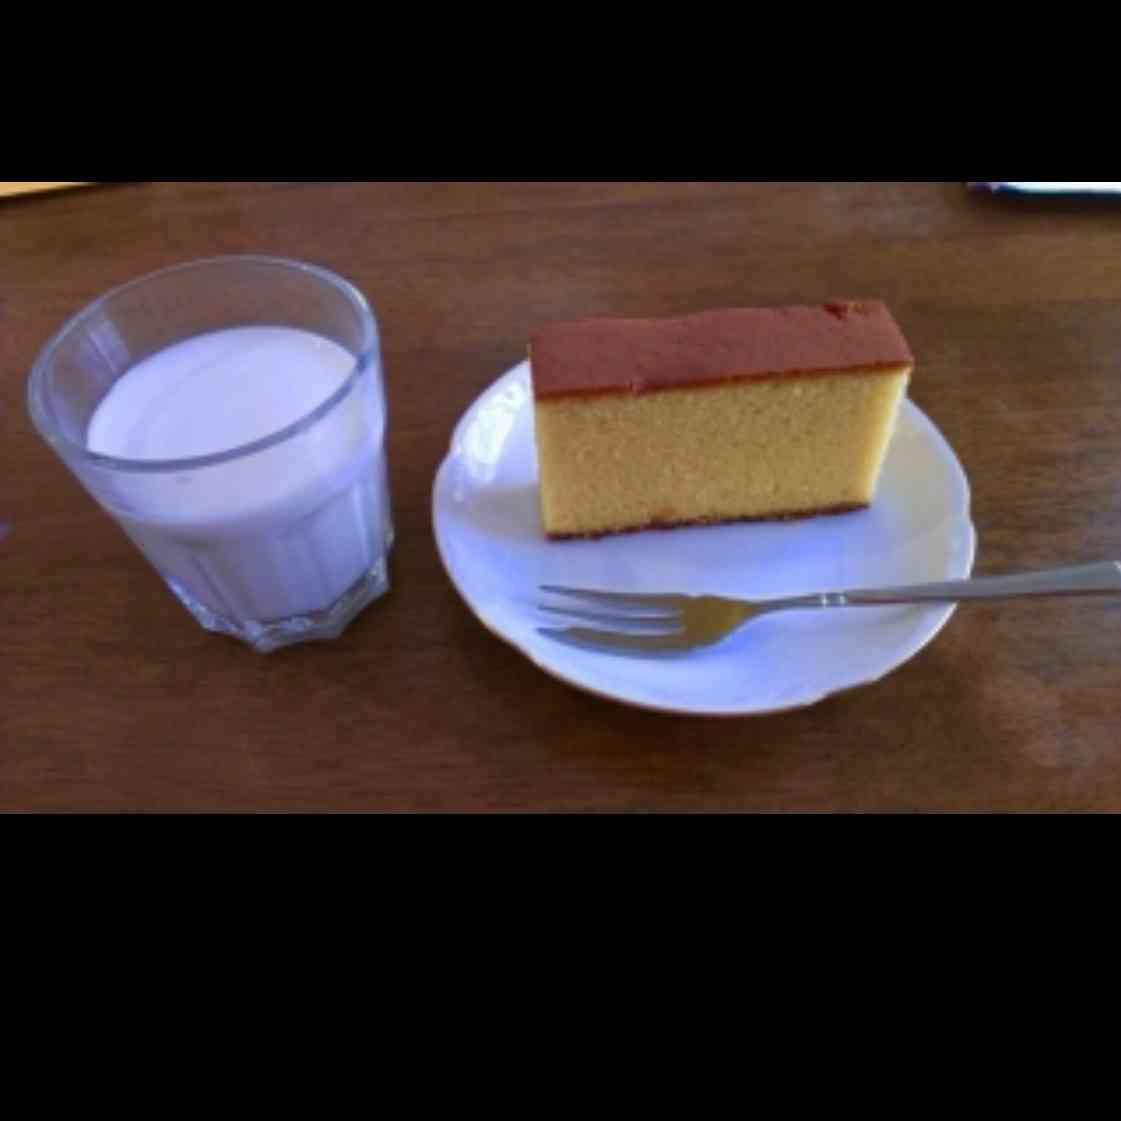 思いっきり愚痴った後に好きな食べ物を書くトピpart2